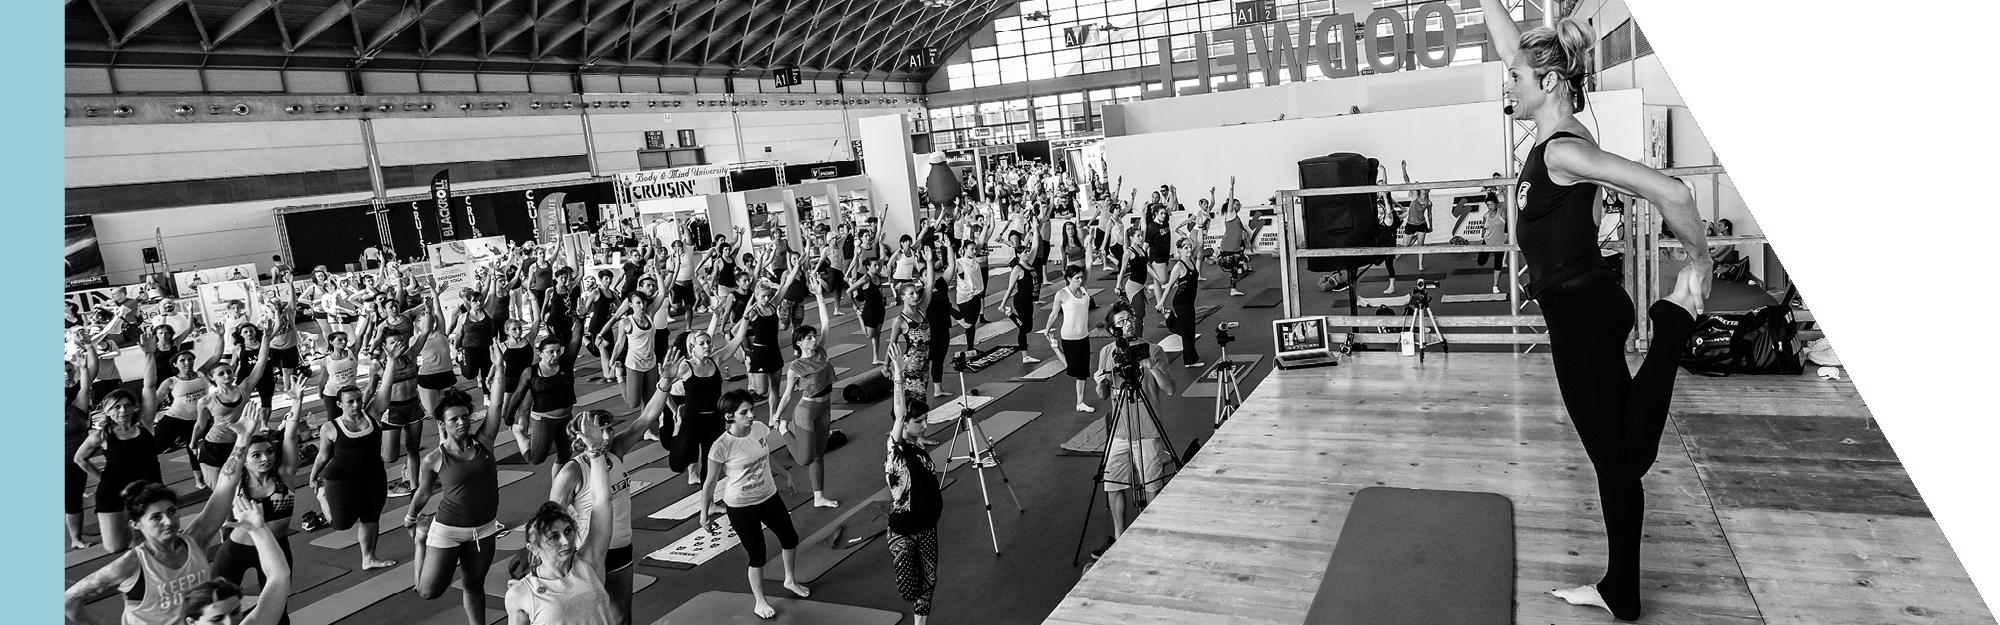 palco pilates e yogal